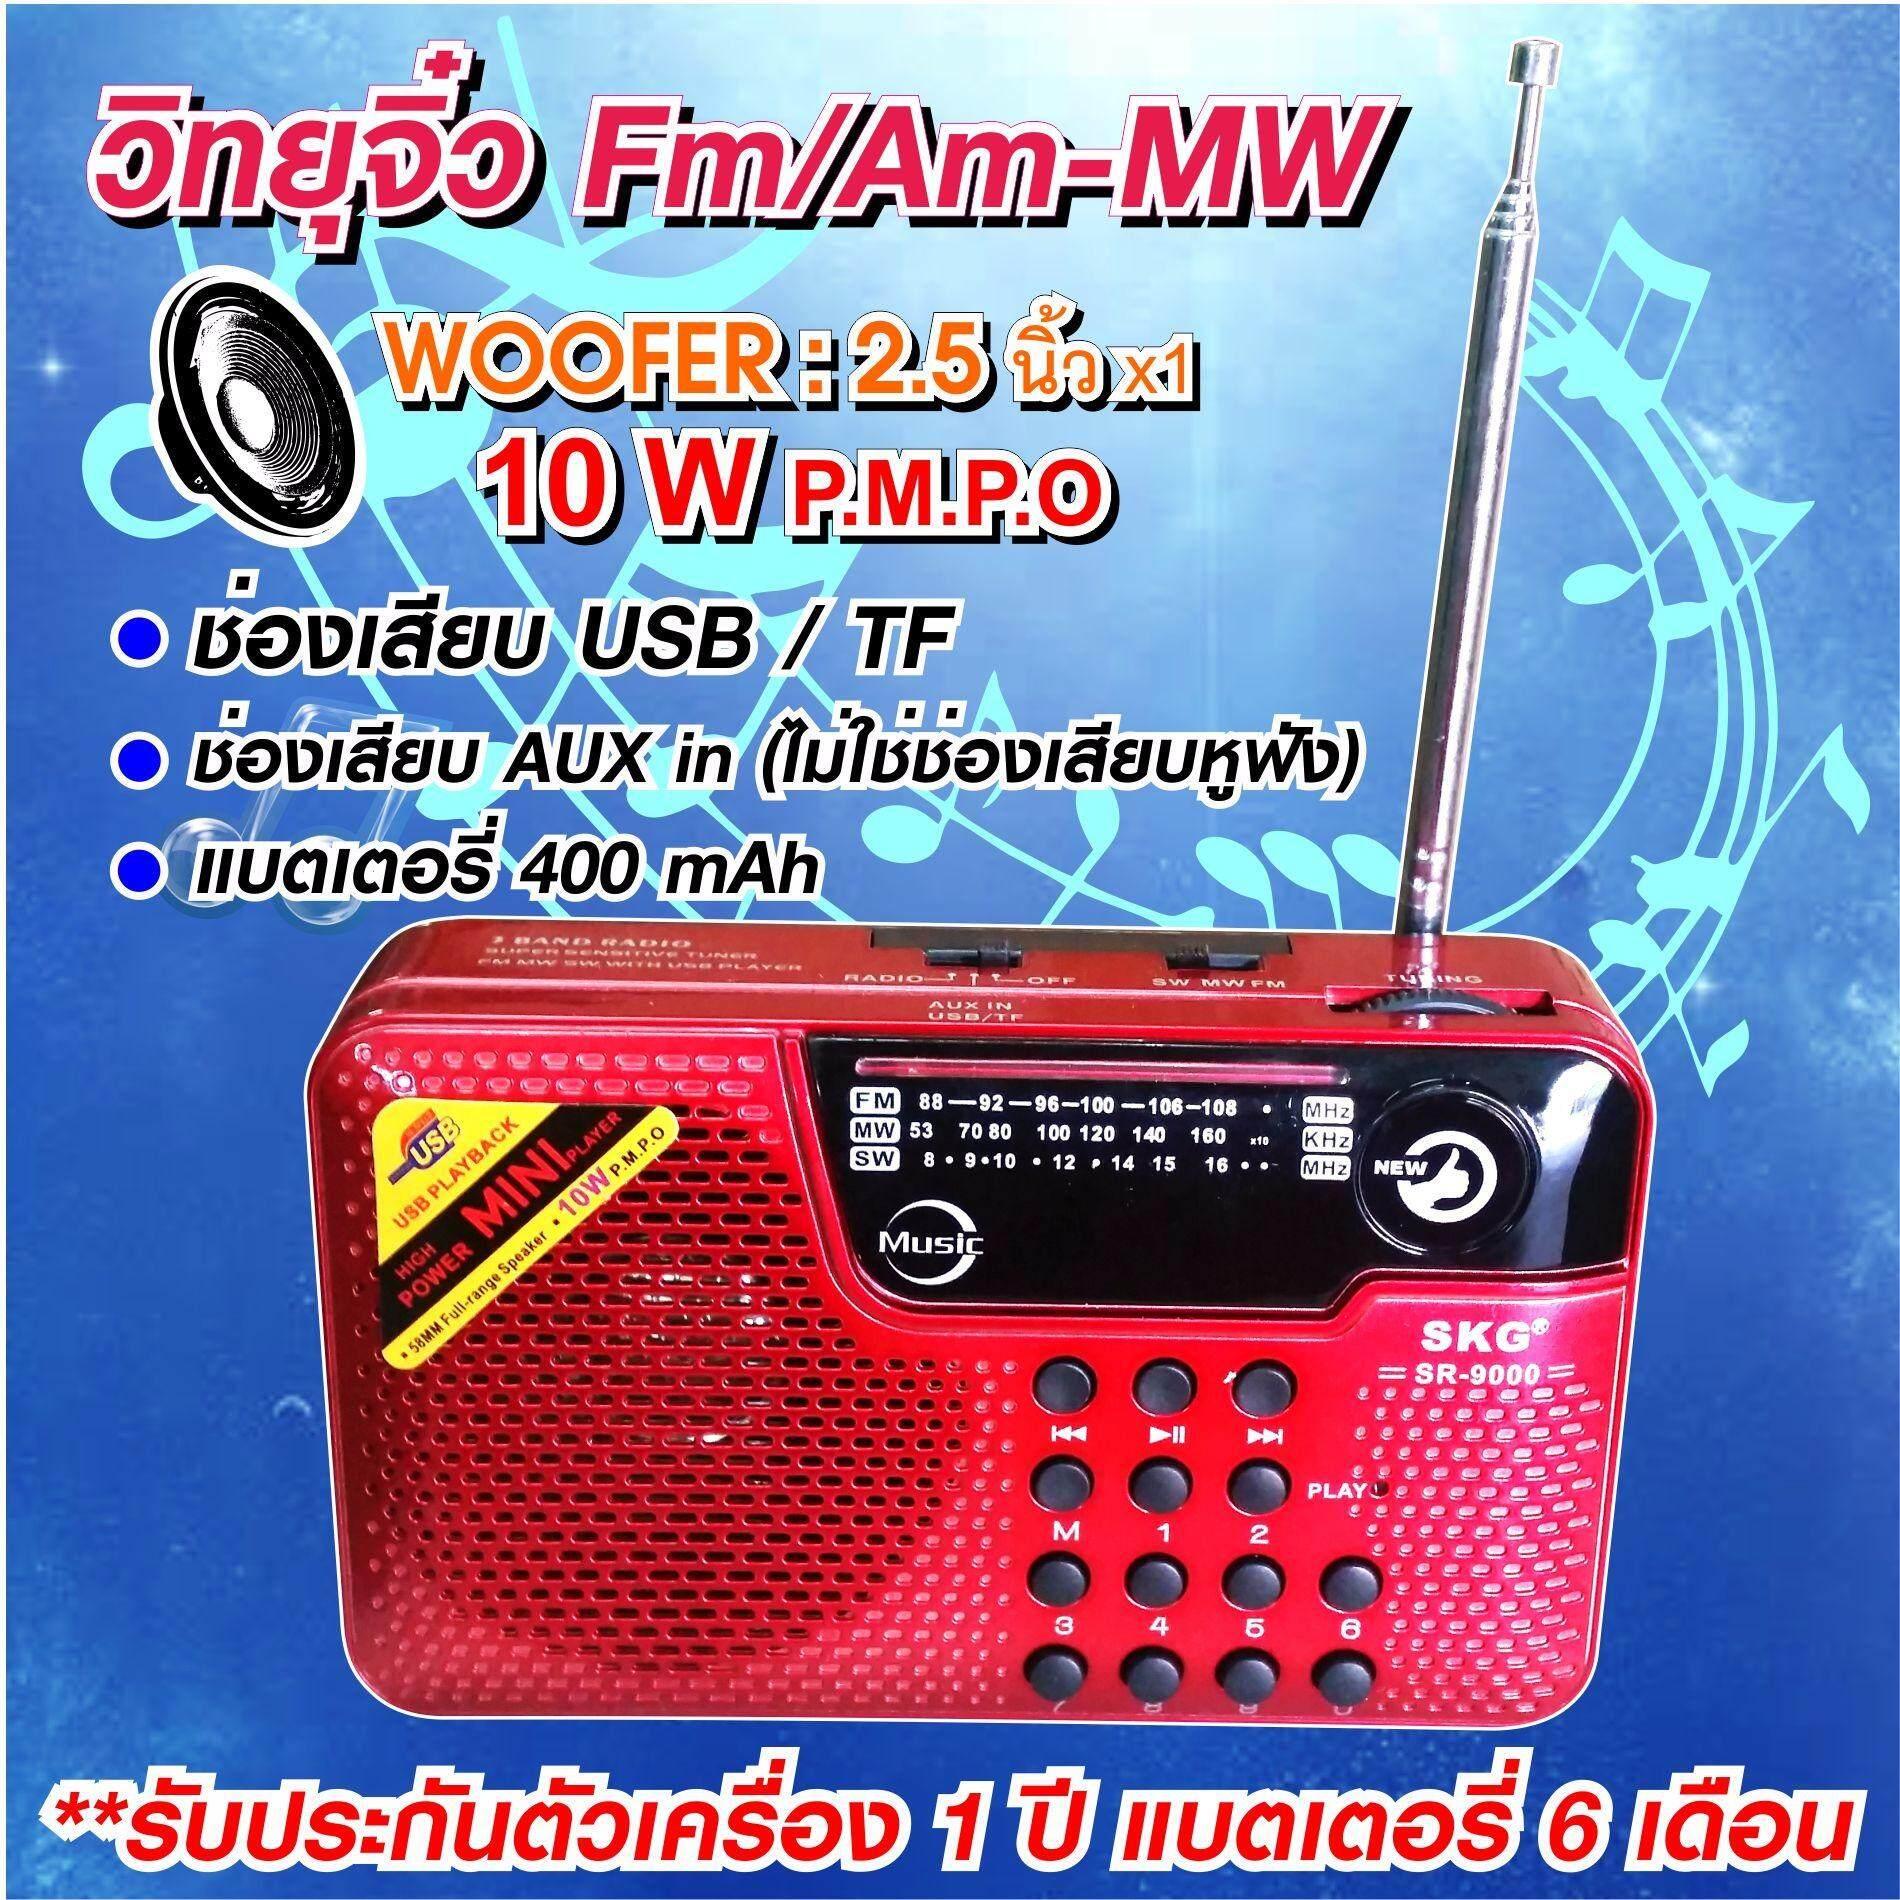 ขาย Skg วิทยุจิ๋ว Usb Sd Card รุ่น Sr 9000 สีแดง กรุงเทพมหานคร ถูก